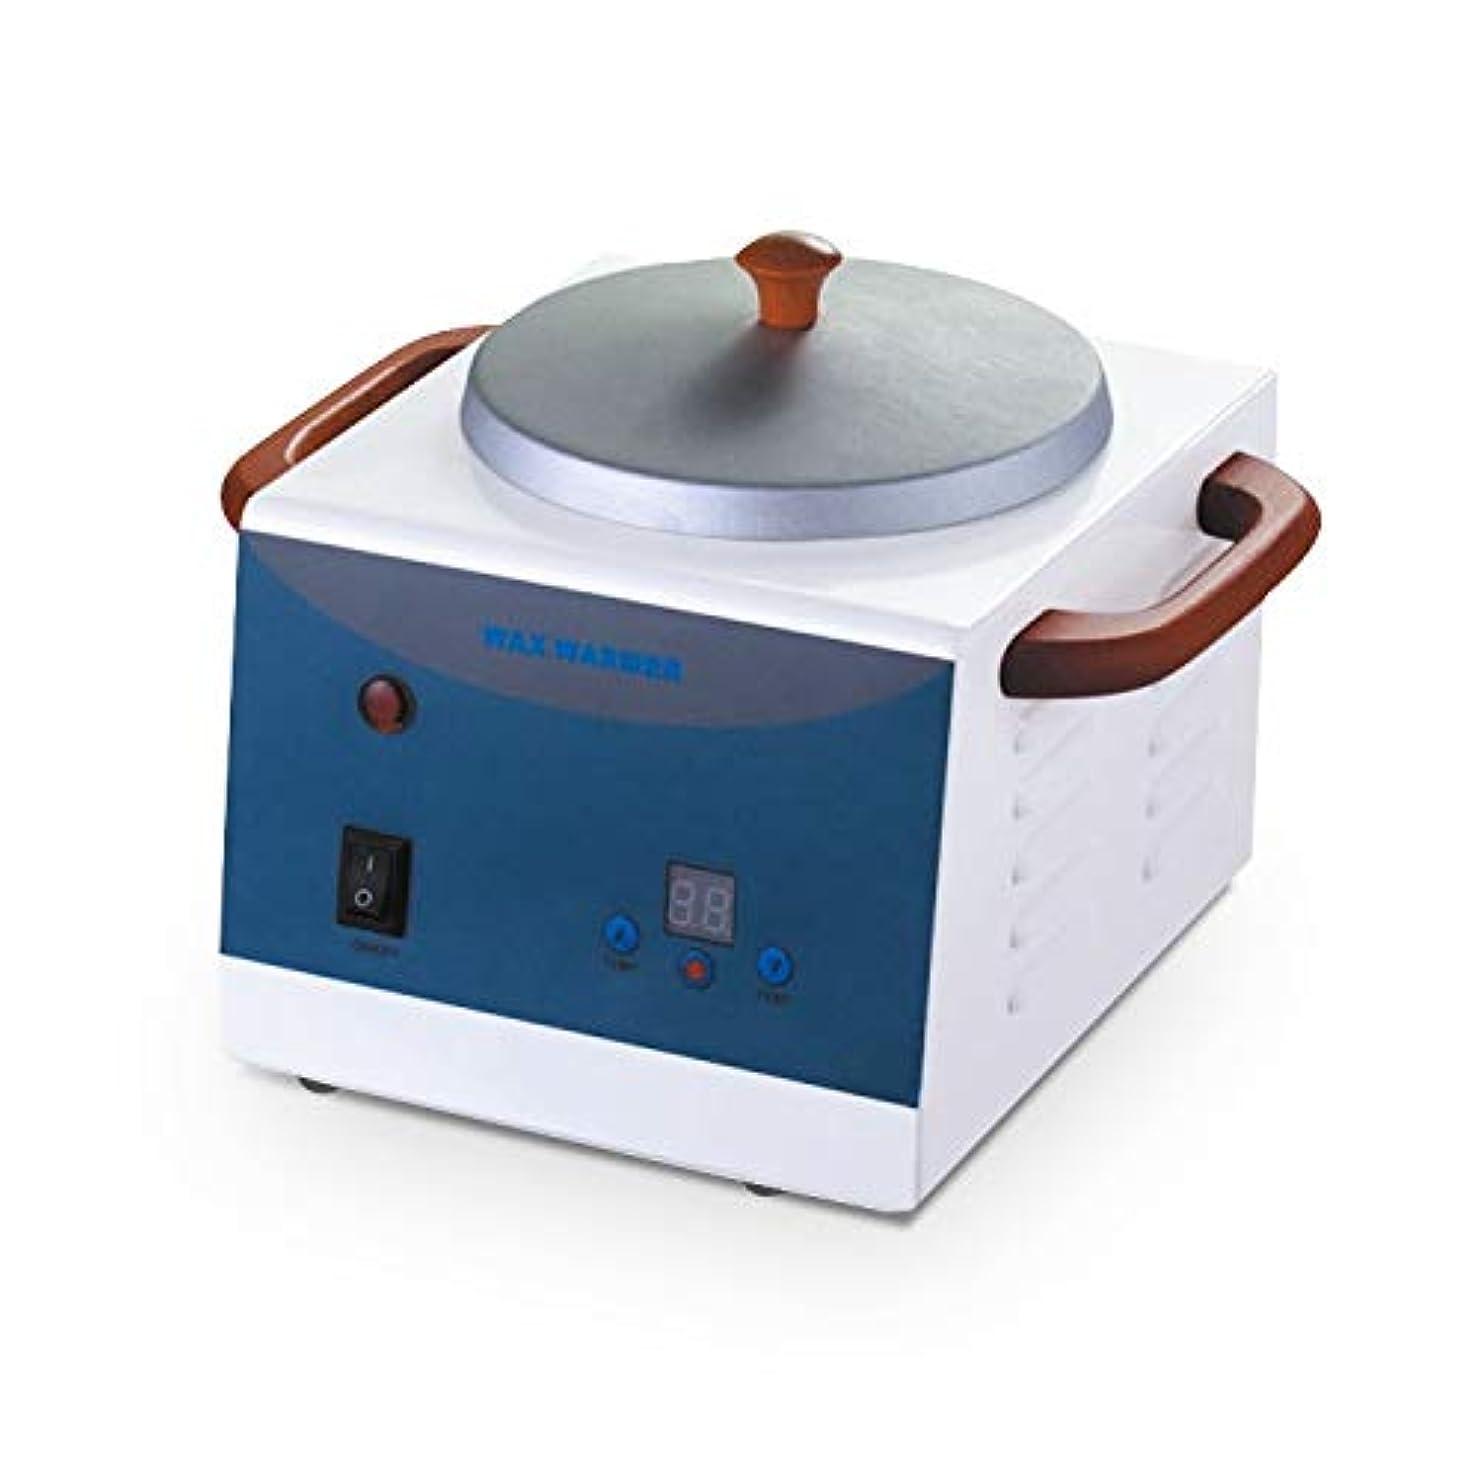 動拮抗行商人500ML美容ワックスヒーターポット、ワックスウォーマー、プロフェッショナルサロンスパツールメルティングポット、調節可能な温度